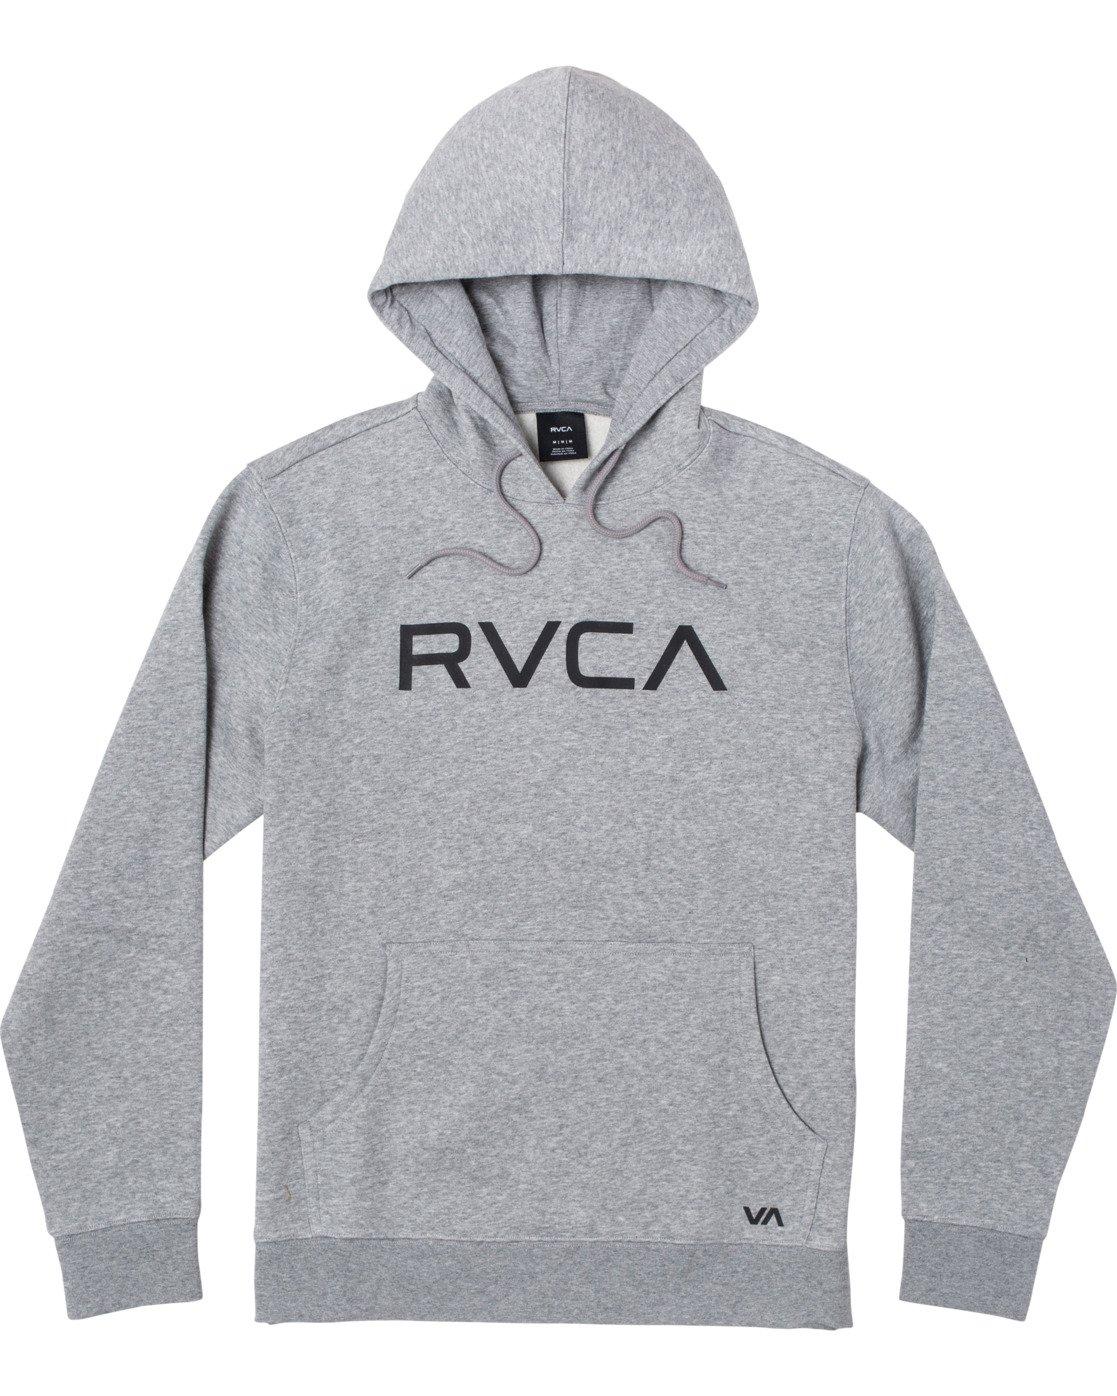 0 BIG RVCA HOODIE Grey M6023RBR RVCA